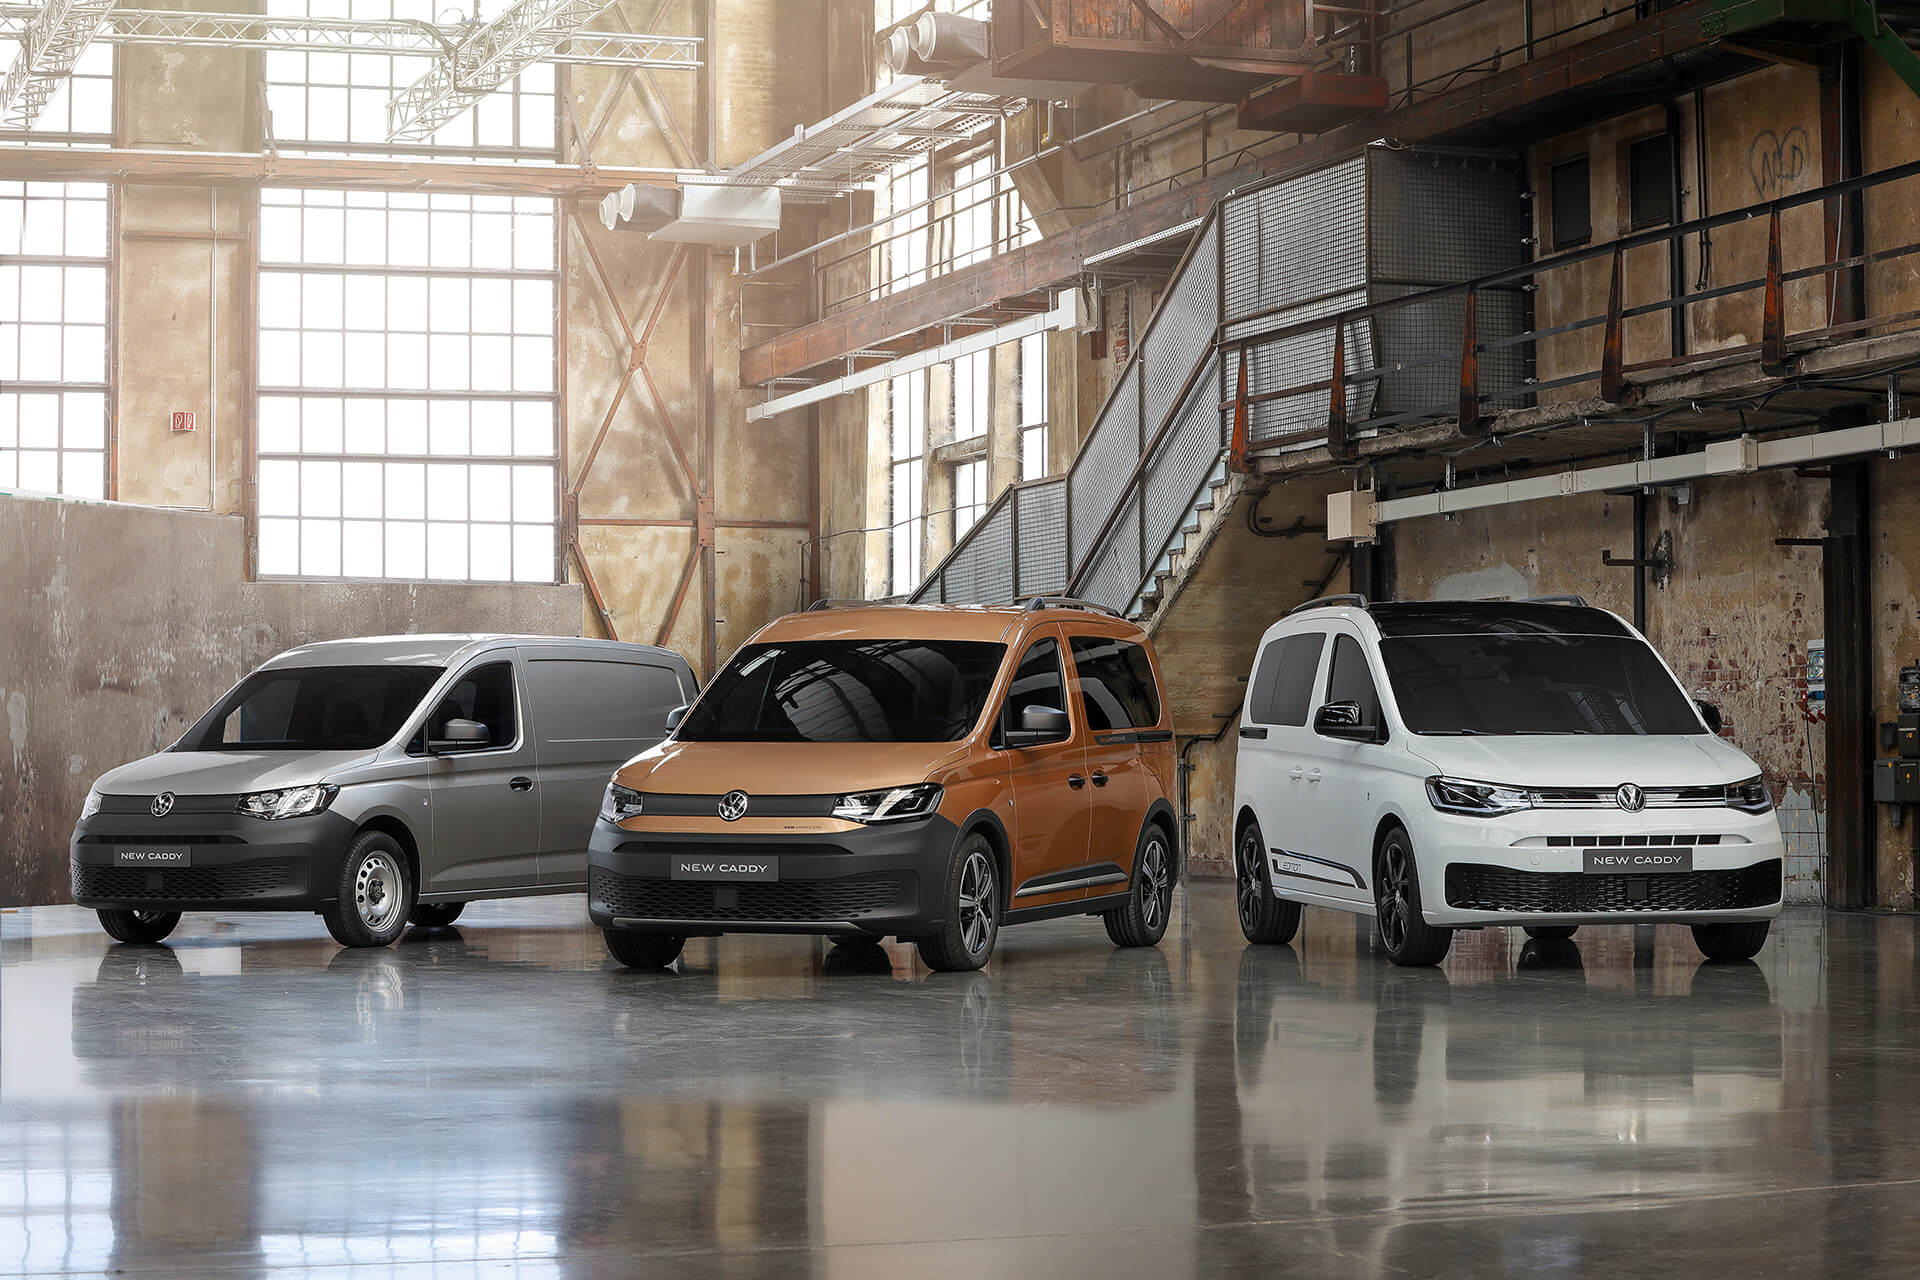 Νέο Volkswagen Caddy - Γκάμα εκδόσεων και χρώματα